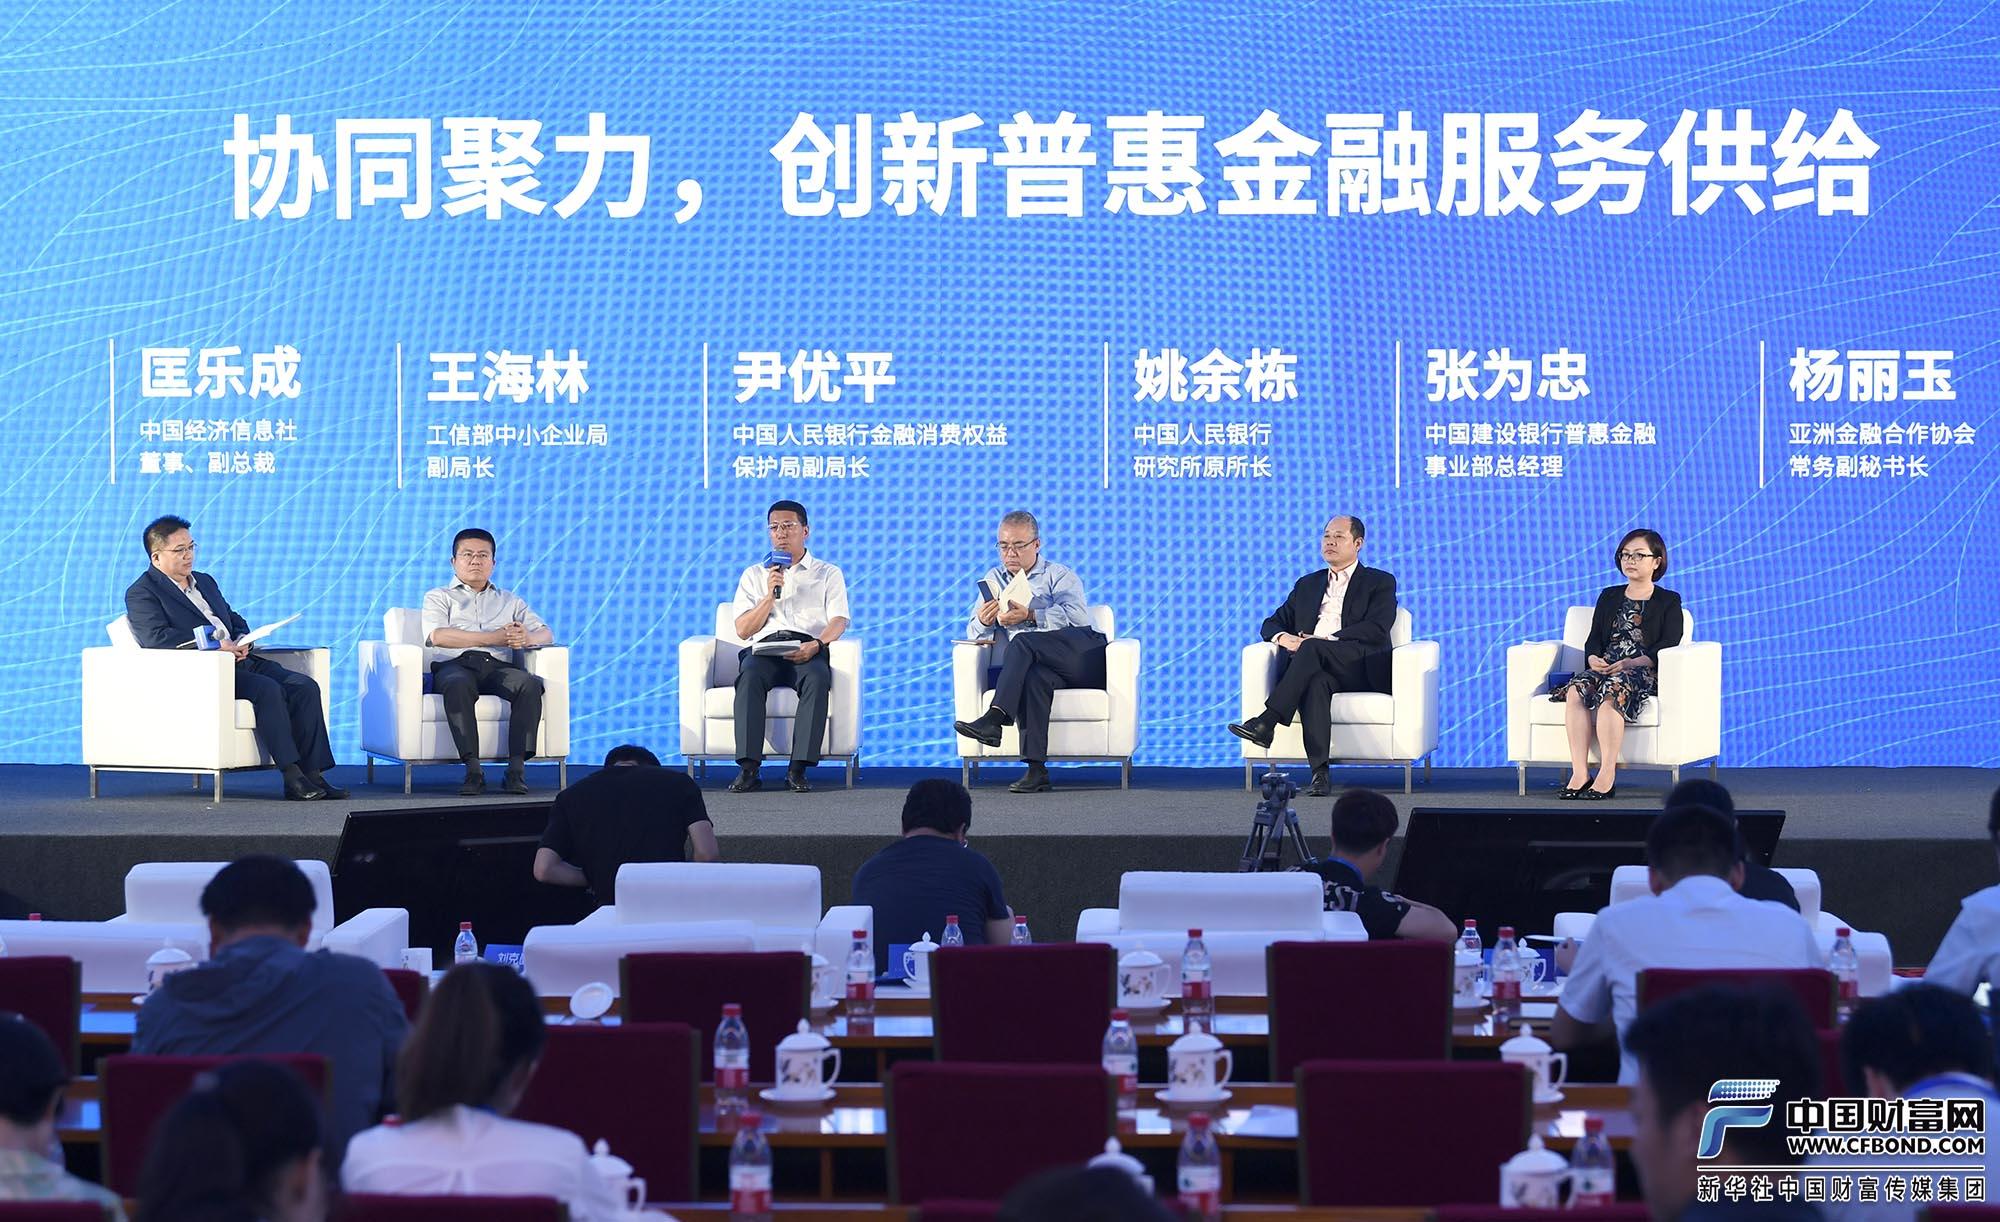 圆桌对话一议题:协同聚力,创新普惠金融服务供给全景